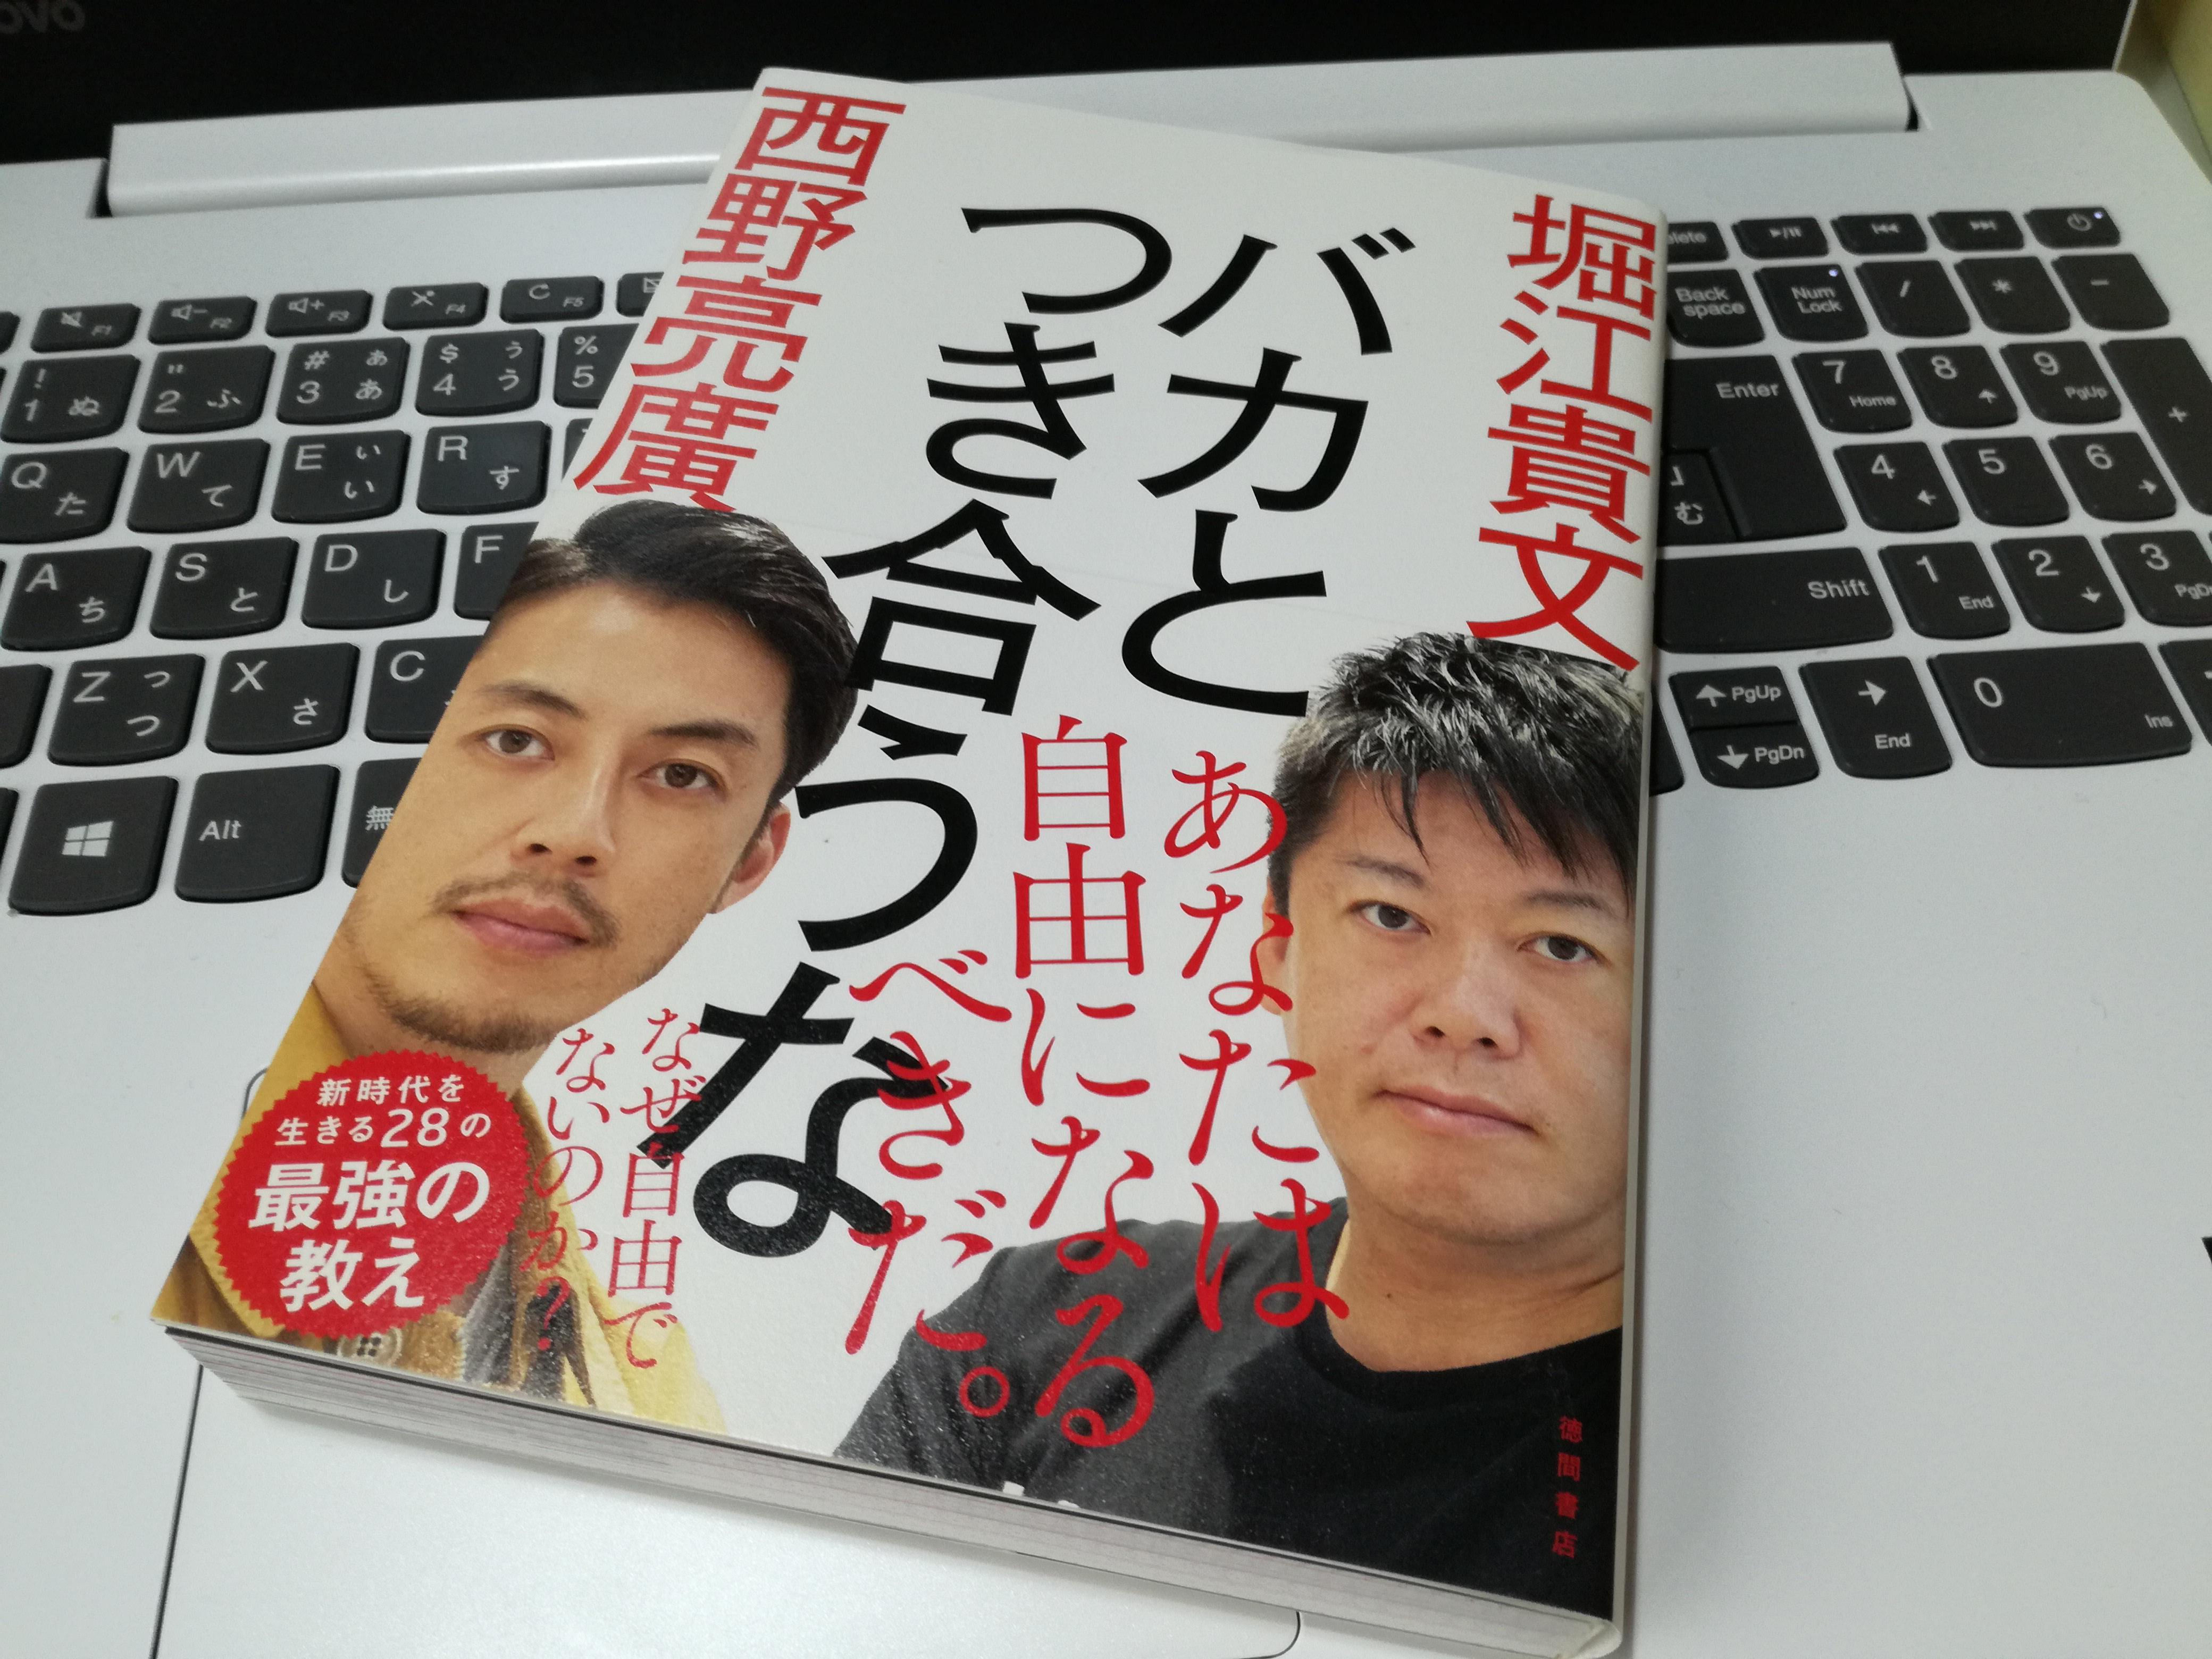 「バカとつき合うな(堀江貴文・西野亮廣著)」で人間関係の断捨離について学んでみた!